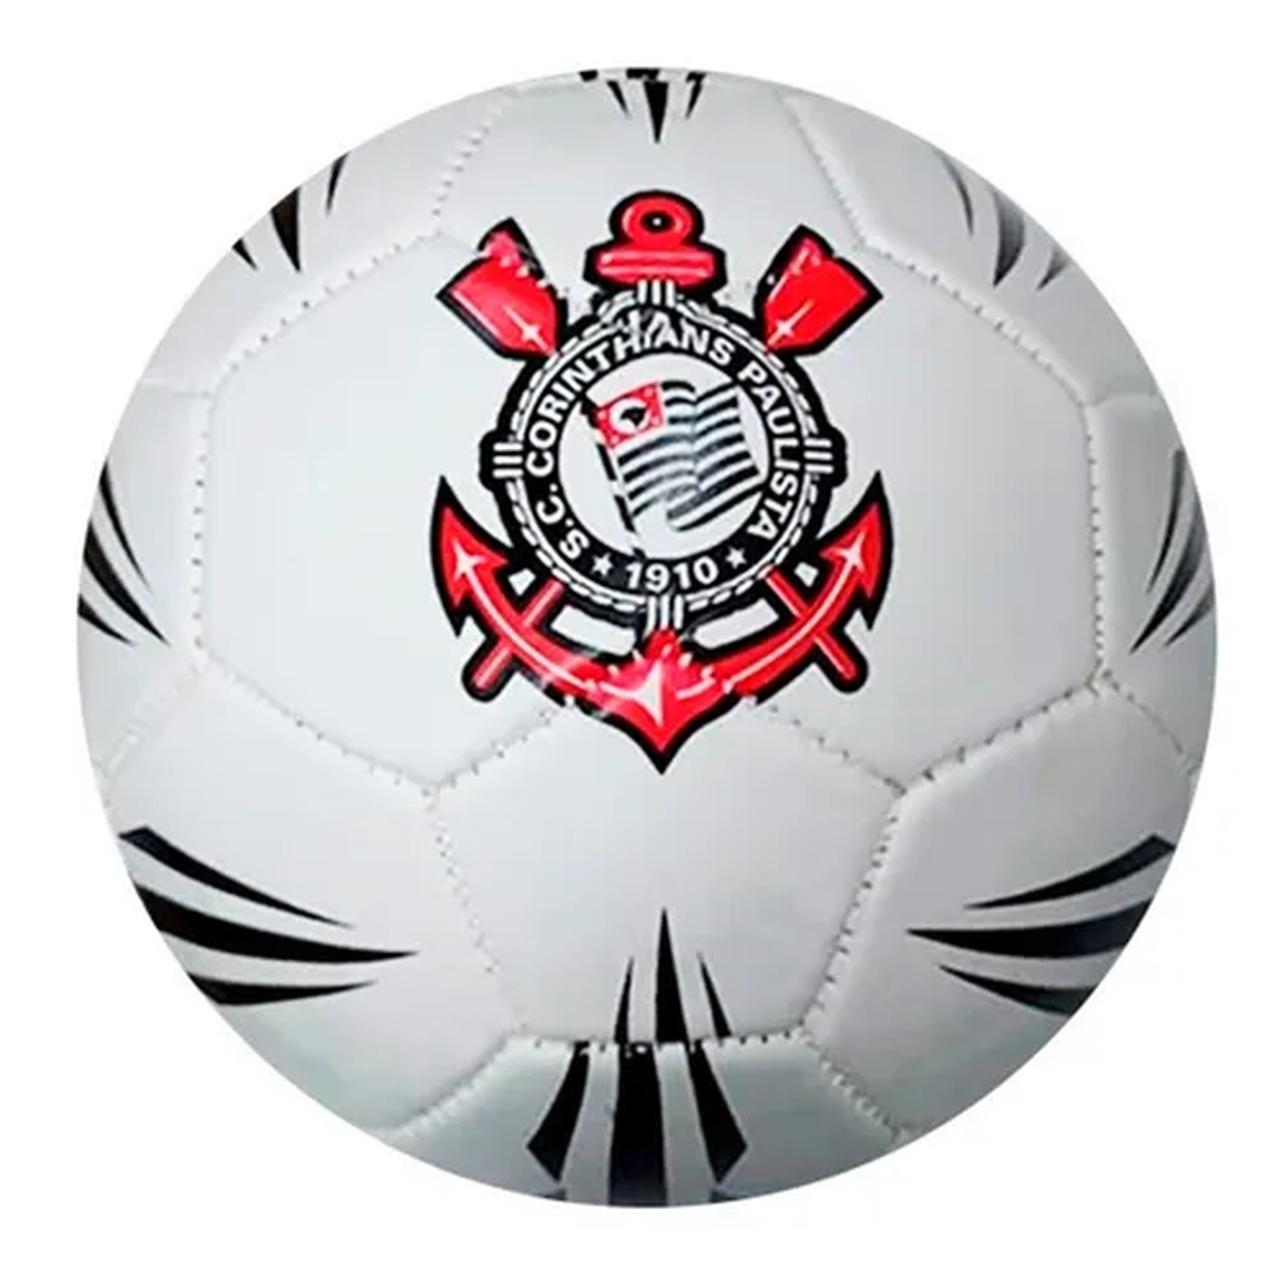 Bola de Futebol Corinthians Estádios 20 Branca e Preta Sportcom nº5